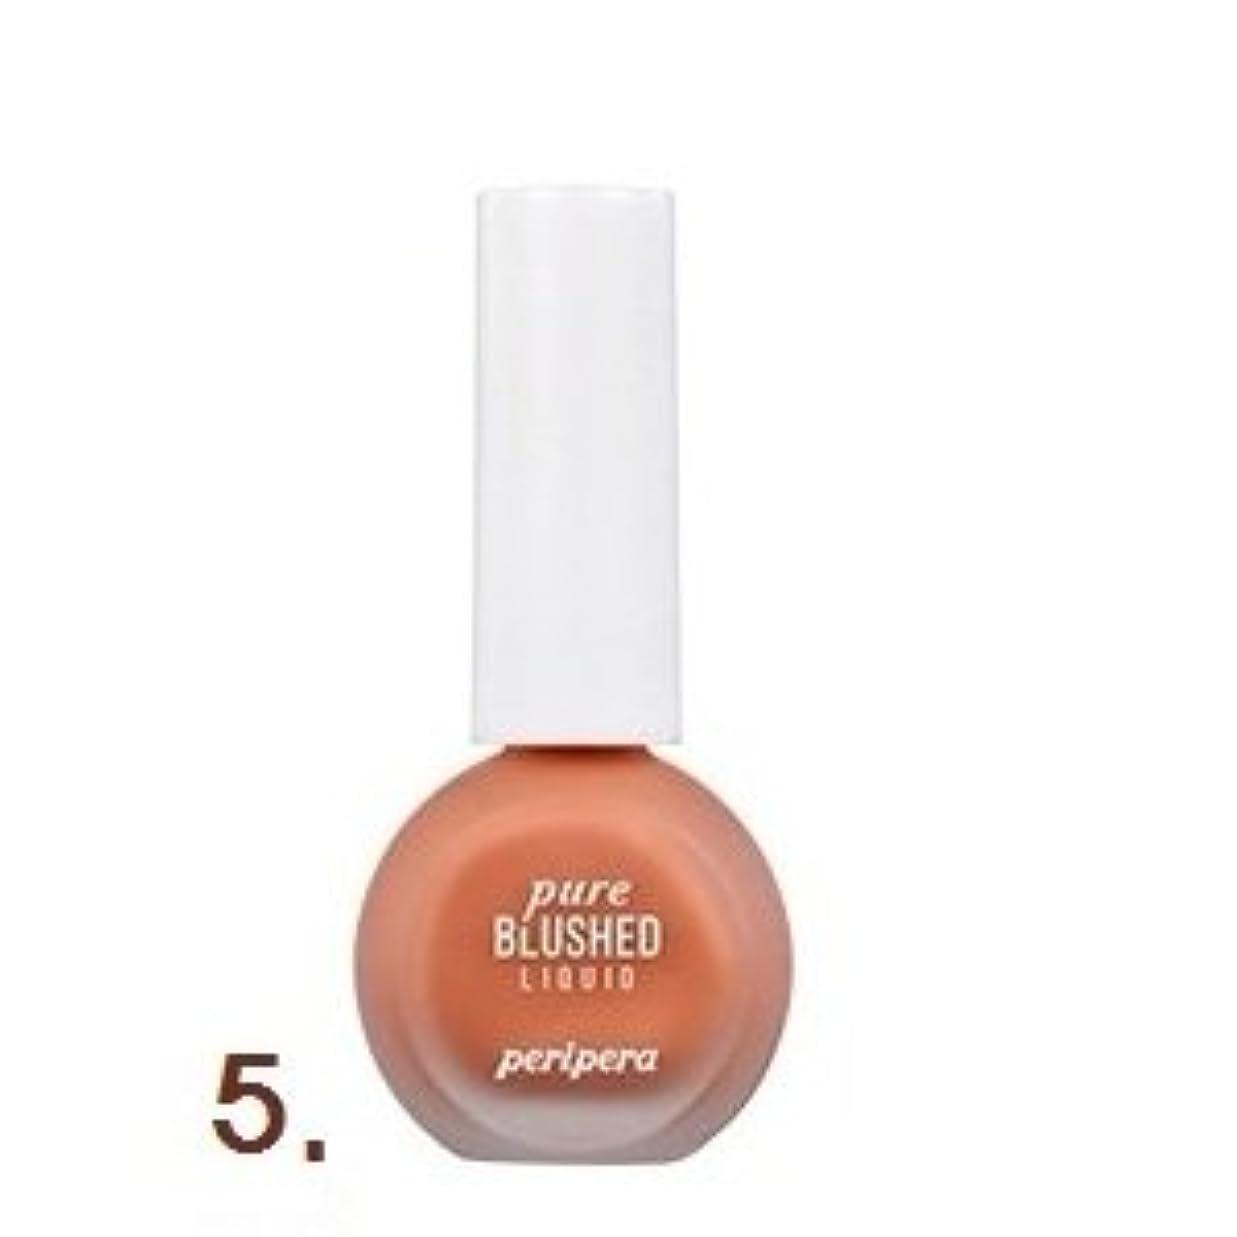 キャンドル力学辛いPeripera Pure Blushed Liquid Cheek #5 Chic cinnamon/ペリペラ ピュア ブラッシュ リキッド チーク [並行輸入品]